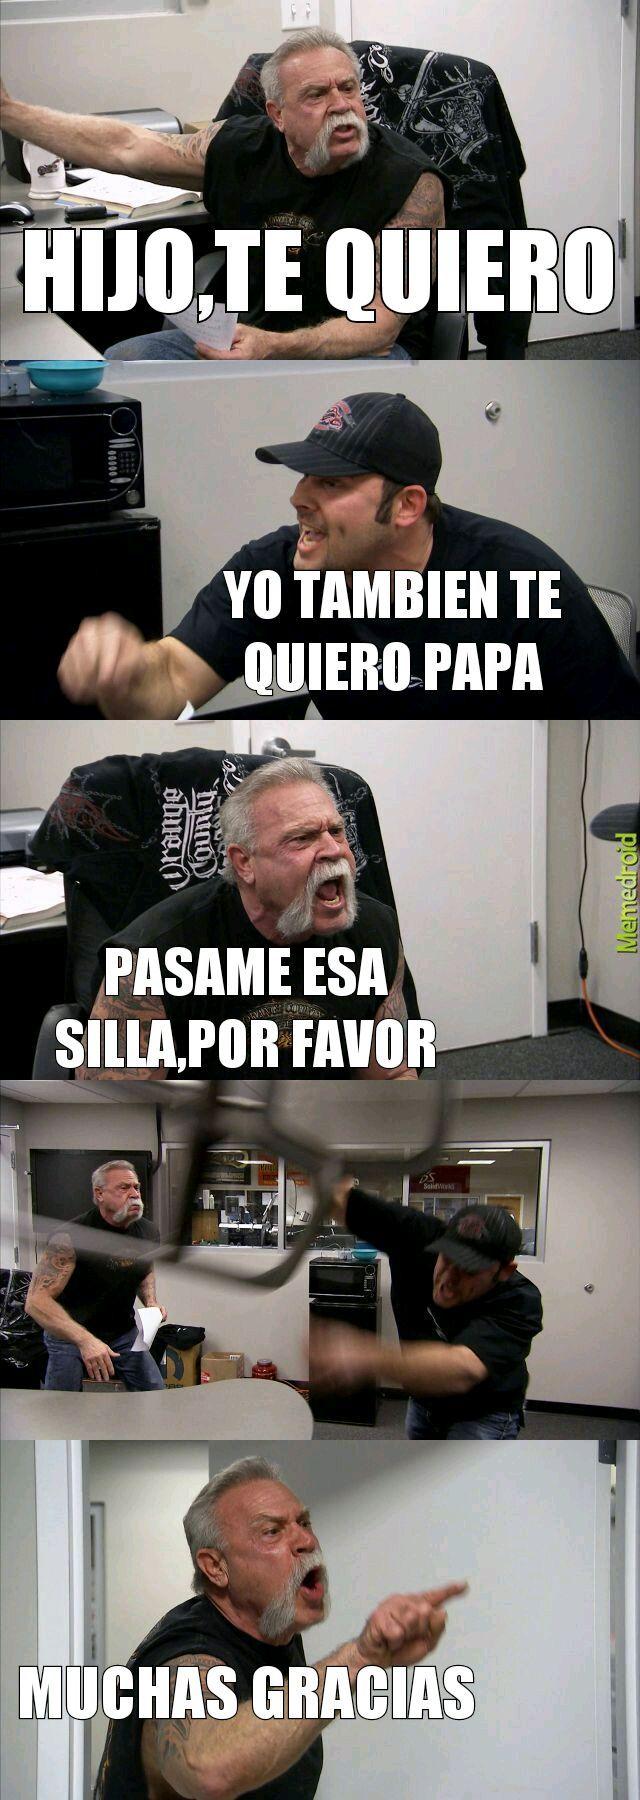 QUE AGRADABLE FAMILIA - meme